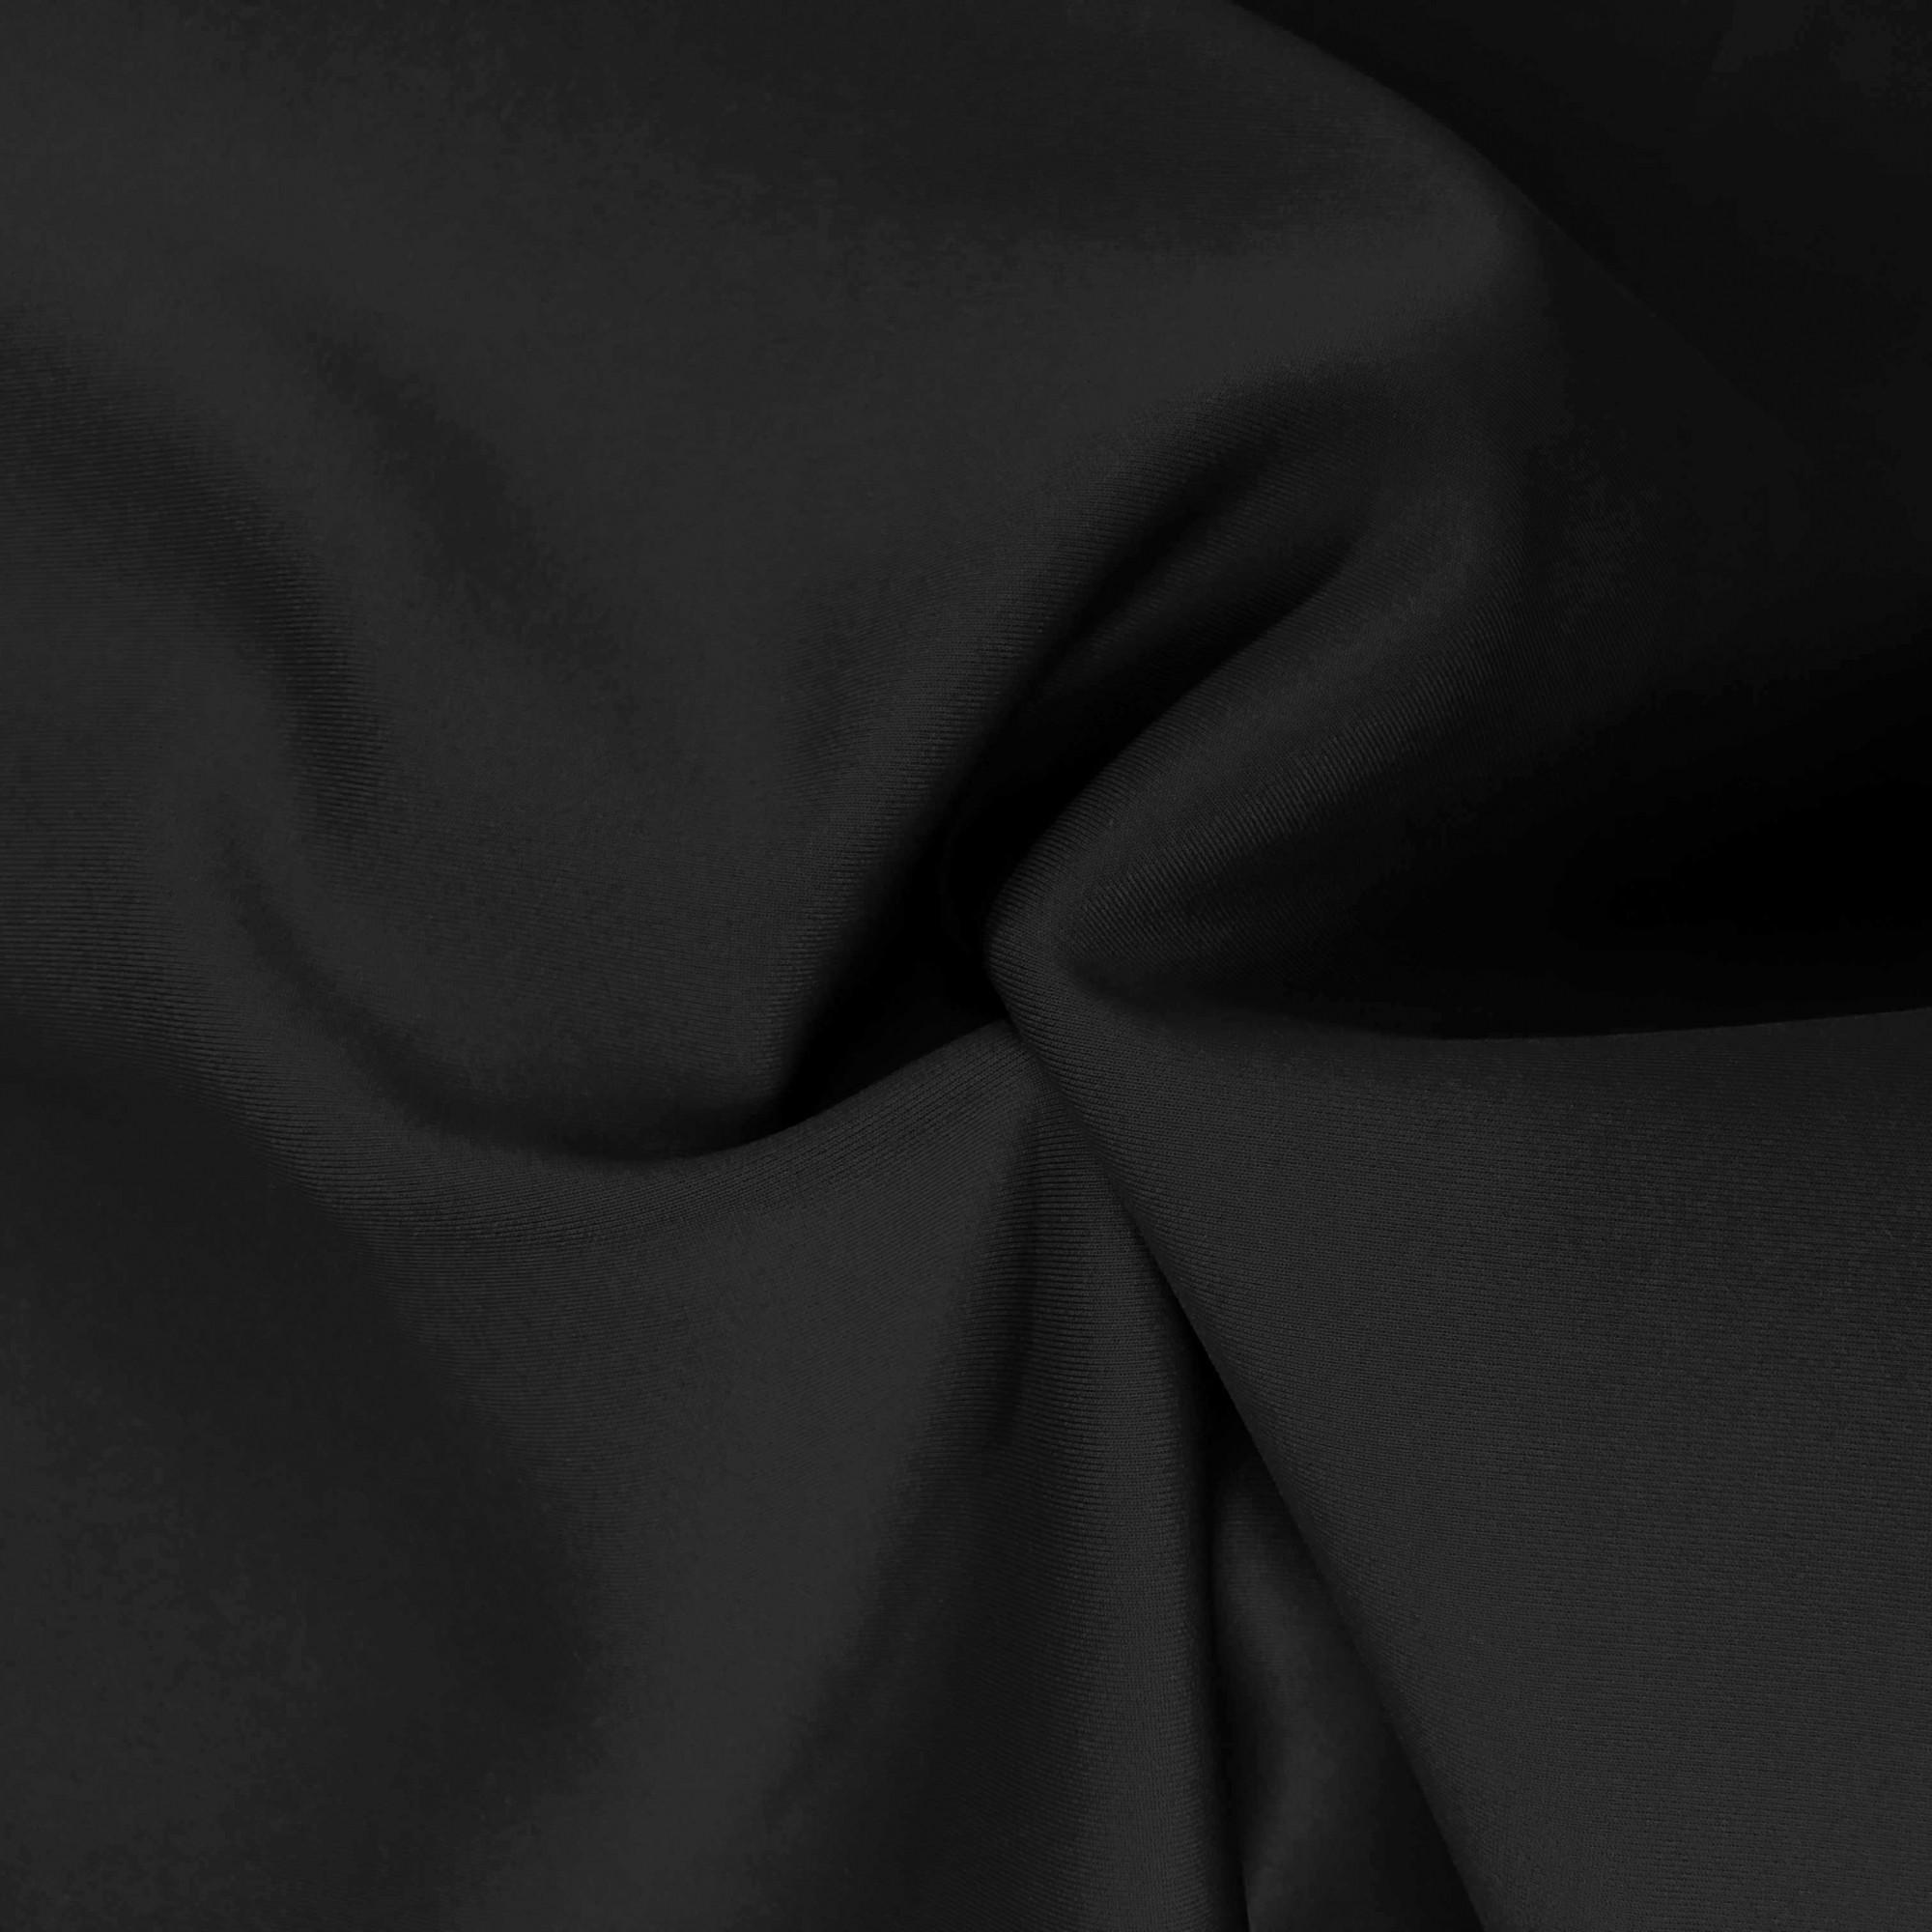 Tecido Malha Neocrepe Liso 97%Poliéster 3%Elastano Preto